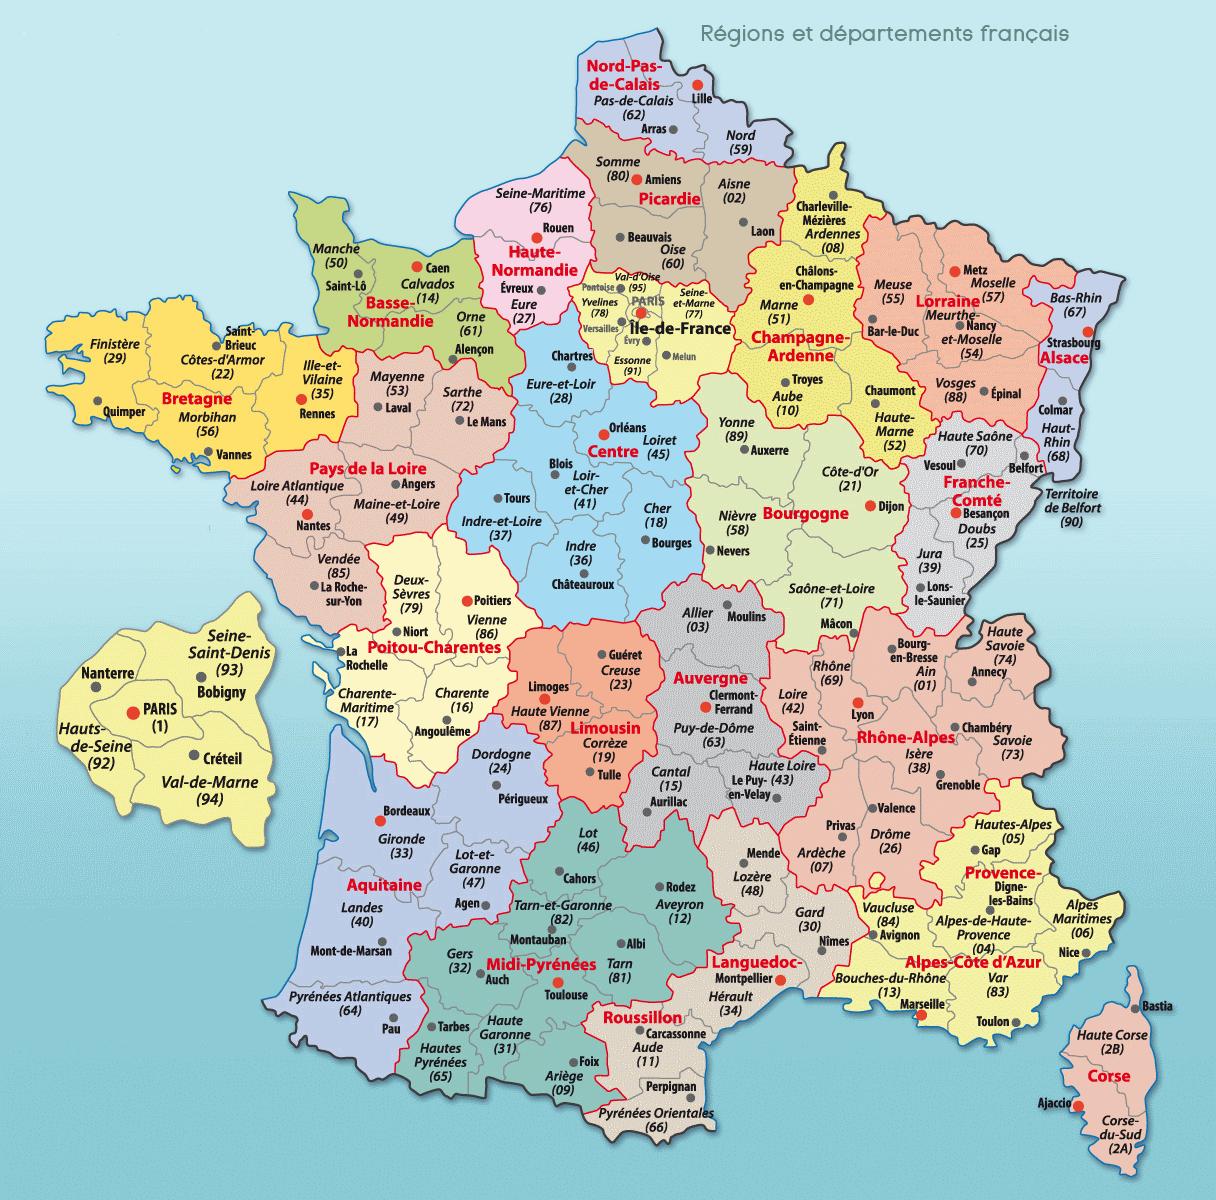 Carte France Villes : Carte Des Villes De France dedans Carte De Region France